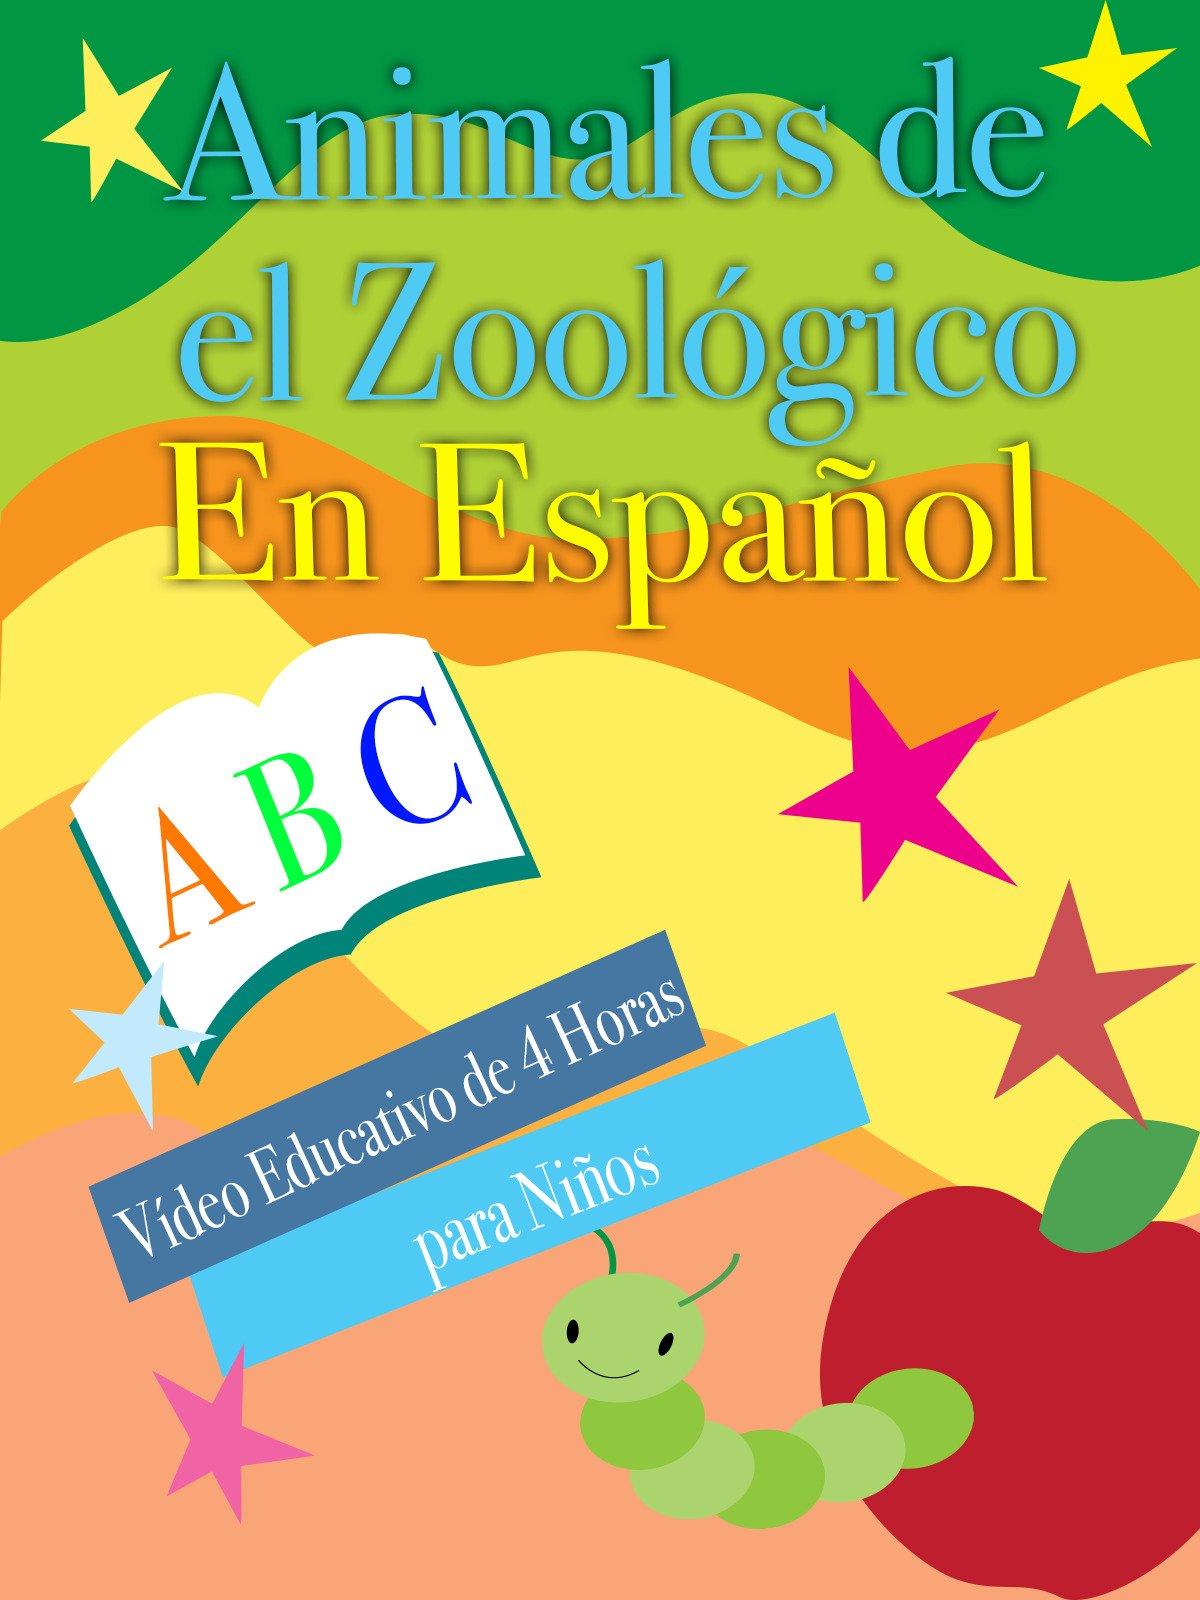 Animales de el Zoológico En Español Vídeo Educativo de 4 Horas para Niños on Amazon Prime Instant Video UK